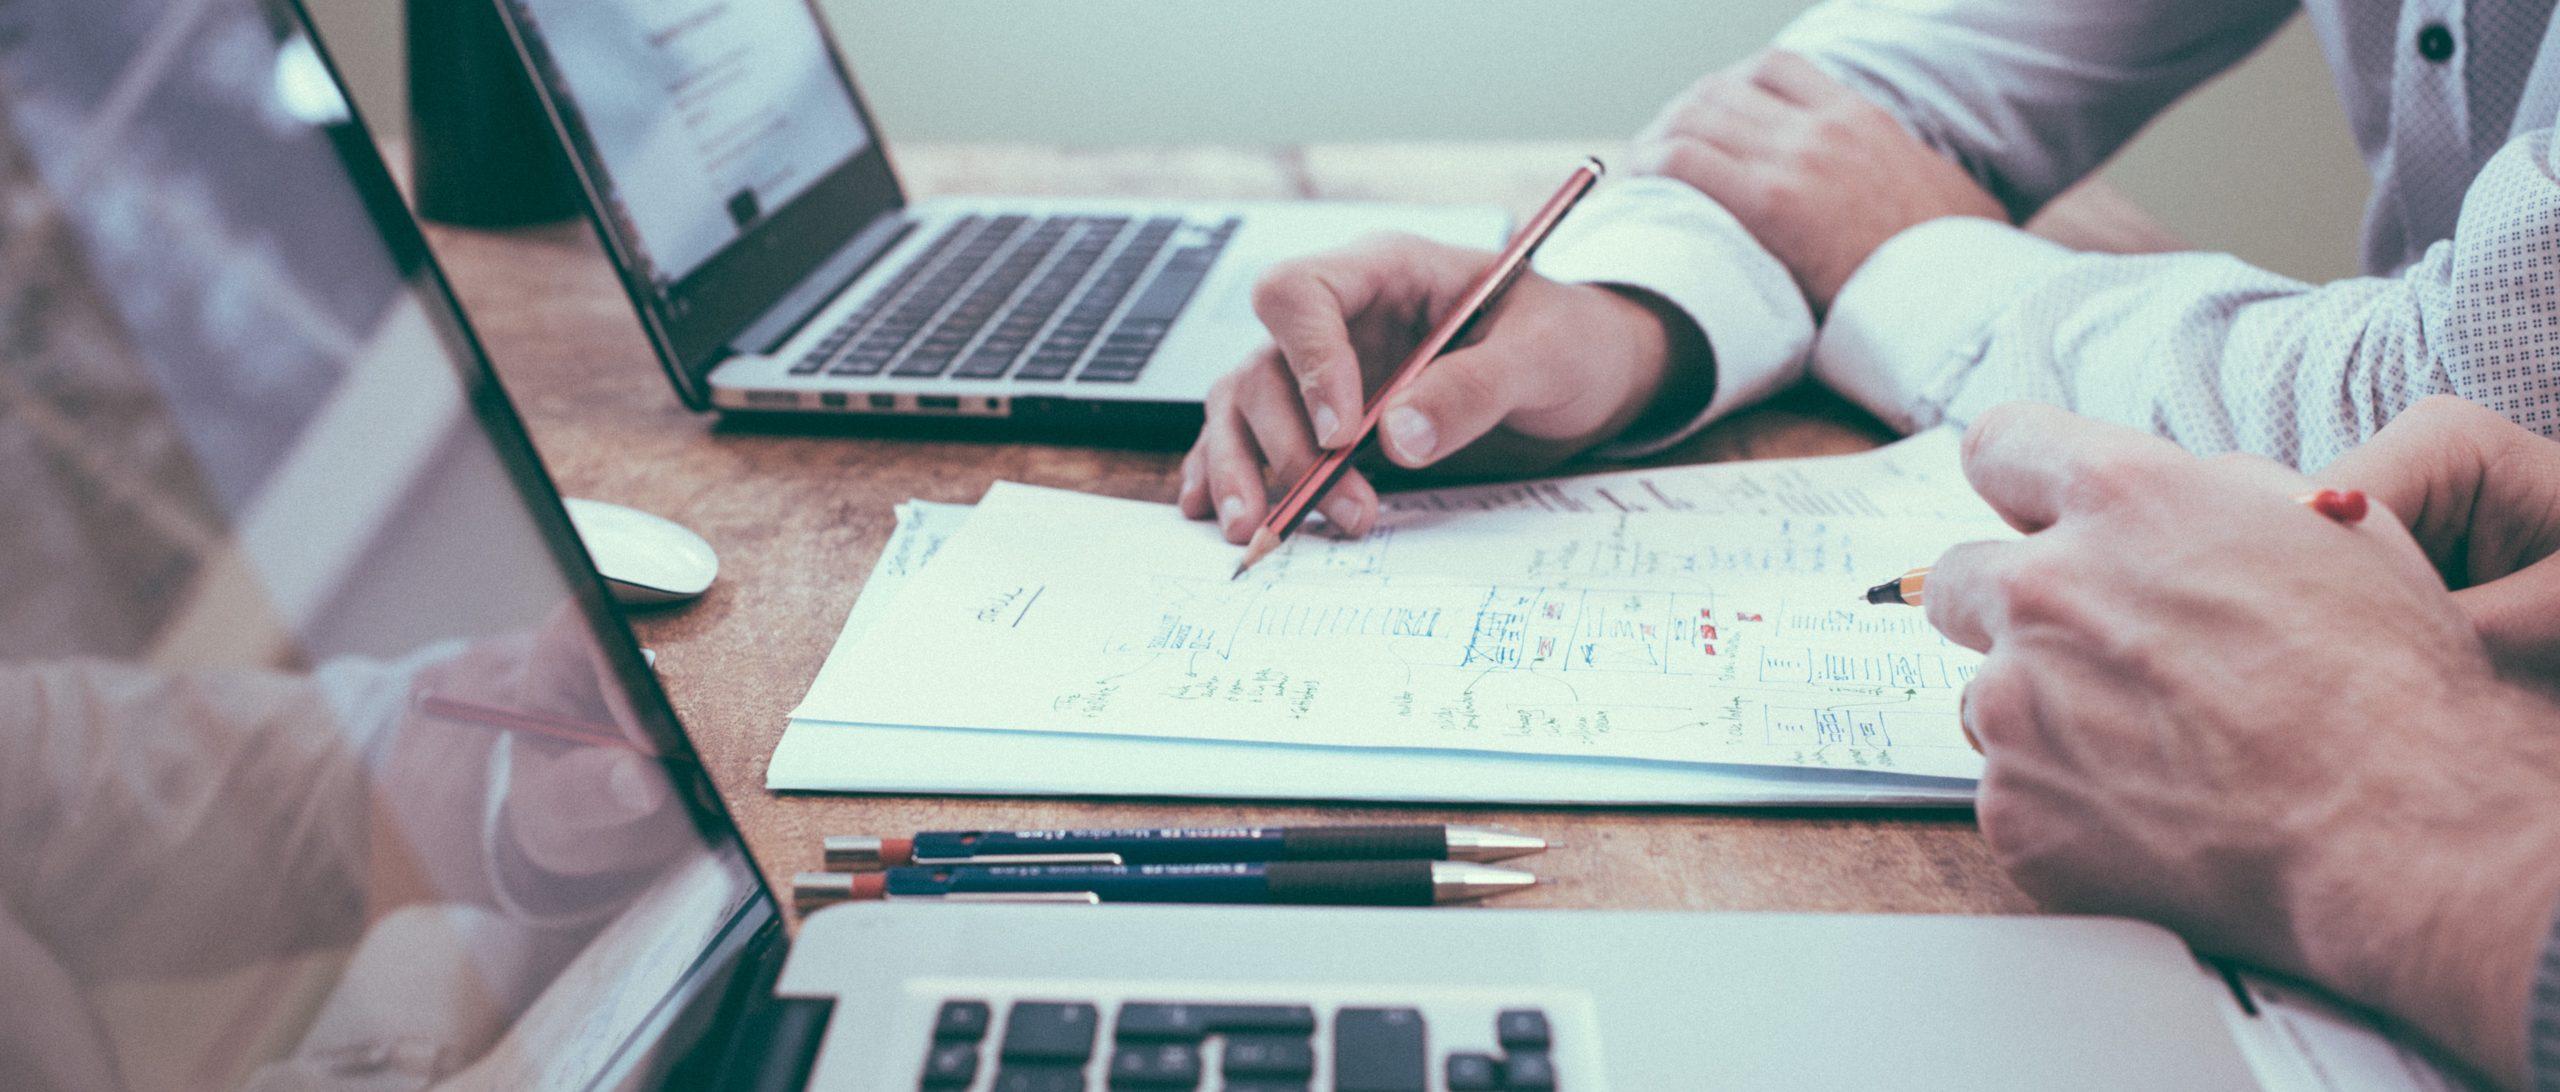 webdesign content